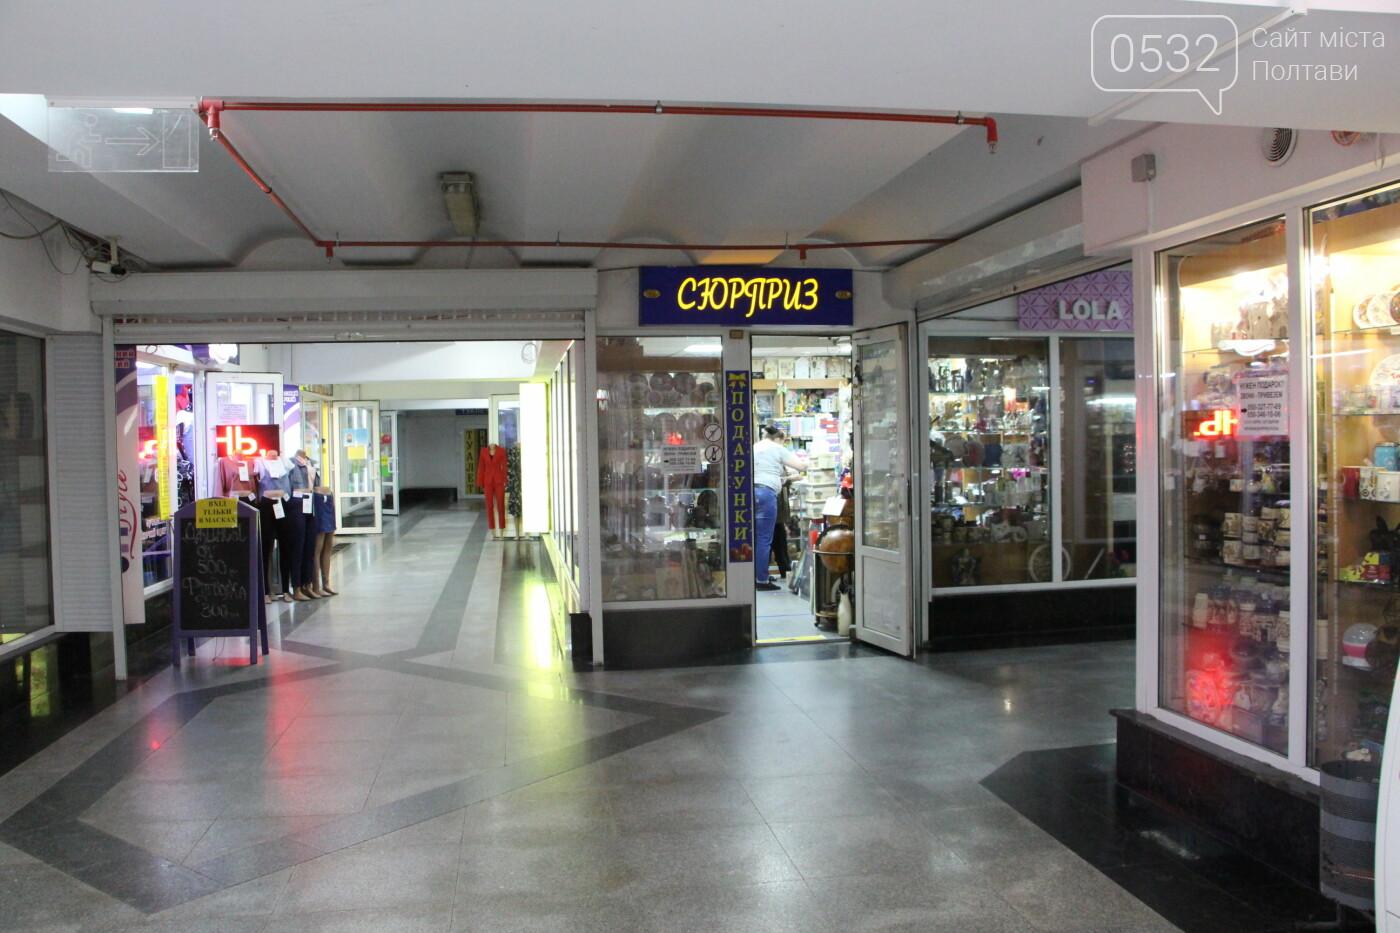 Центр Полтави: що відкрилось після карантину? (ФОТО), фото-3